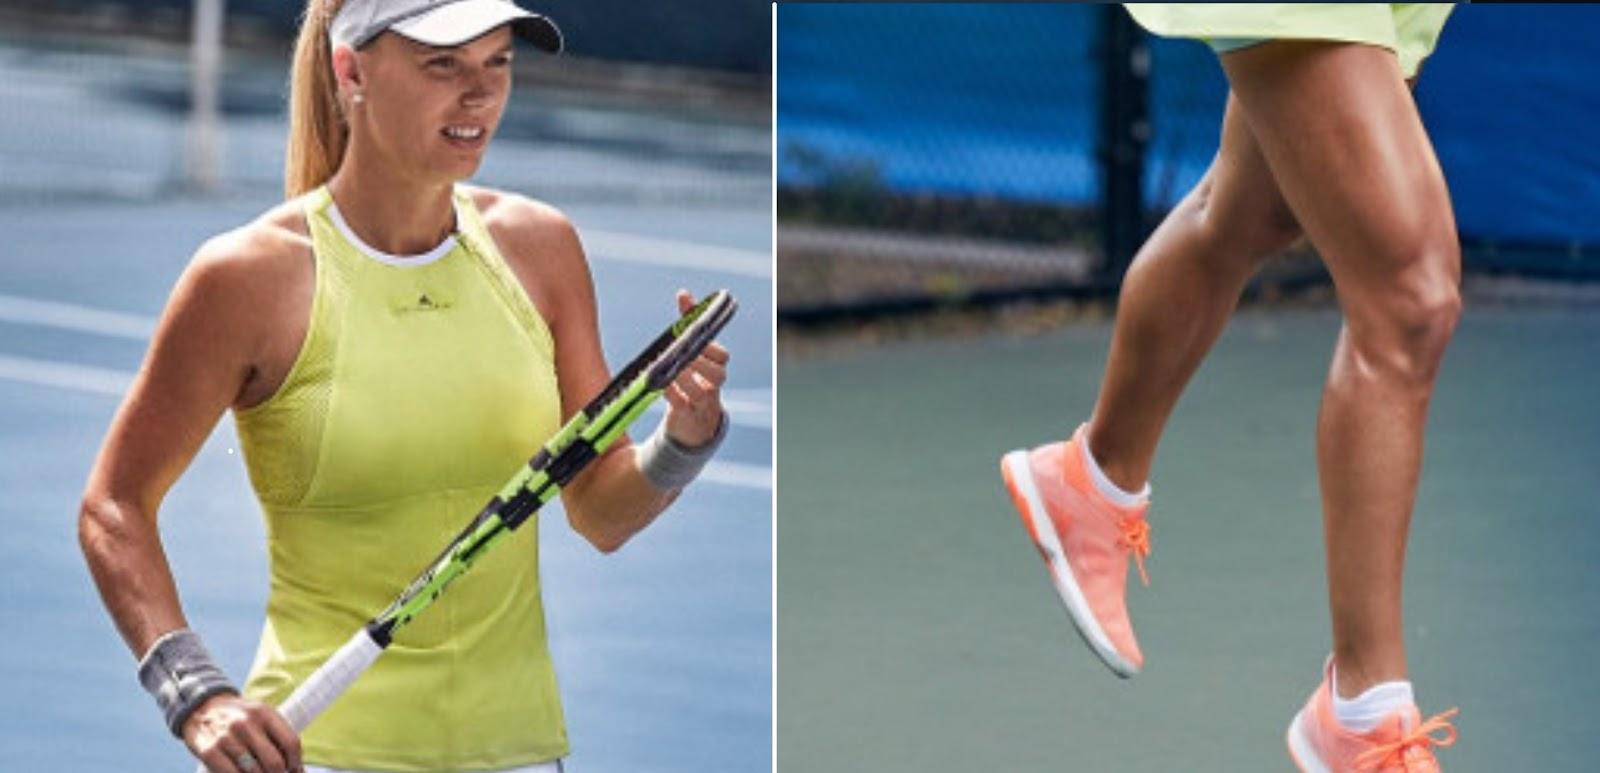 Caroline Wozniacki's outfit Australian Open 2018